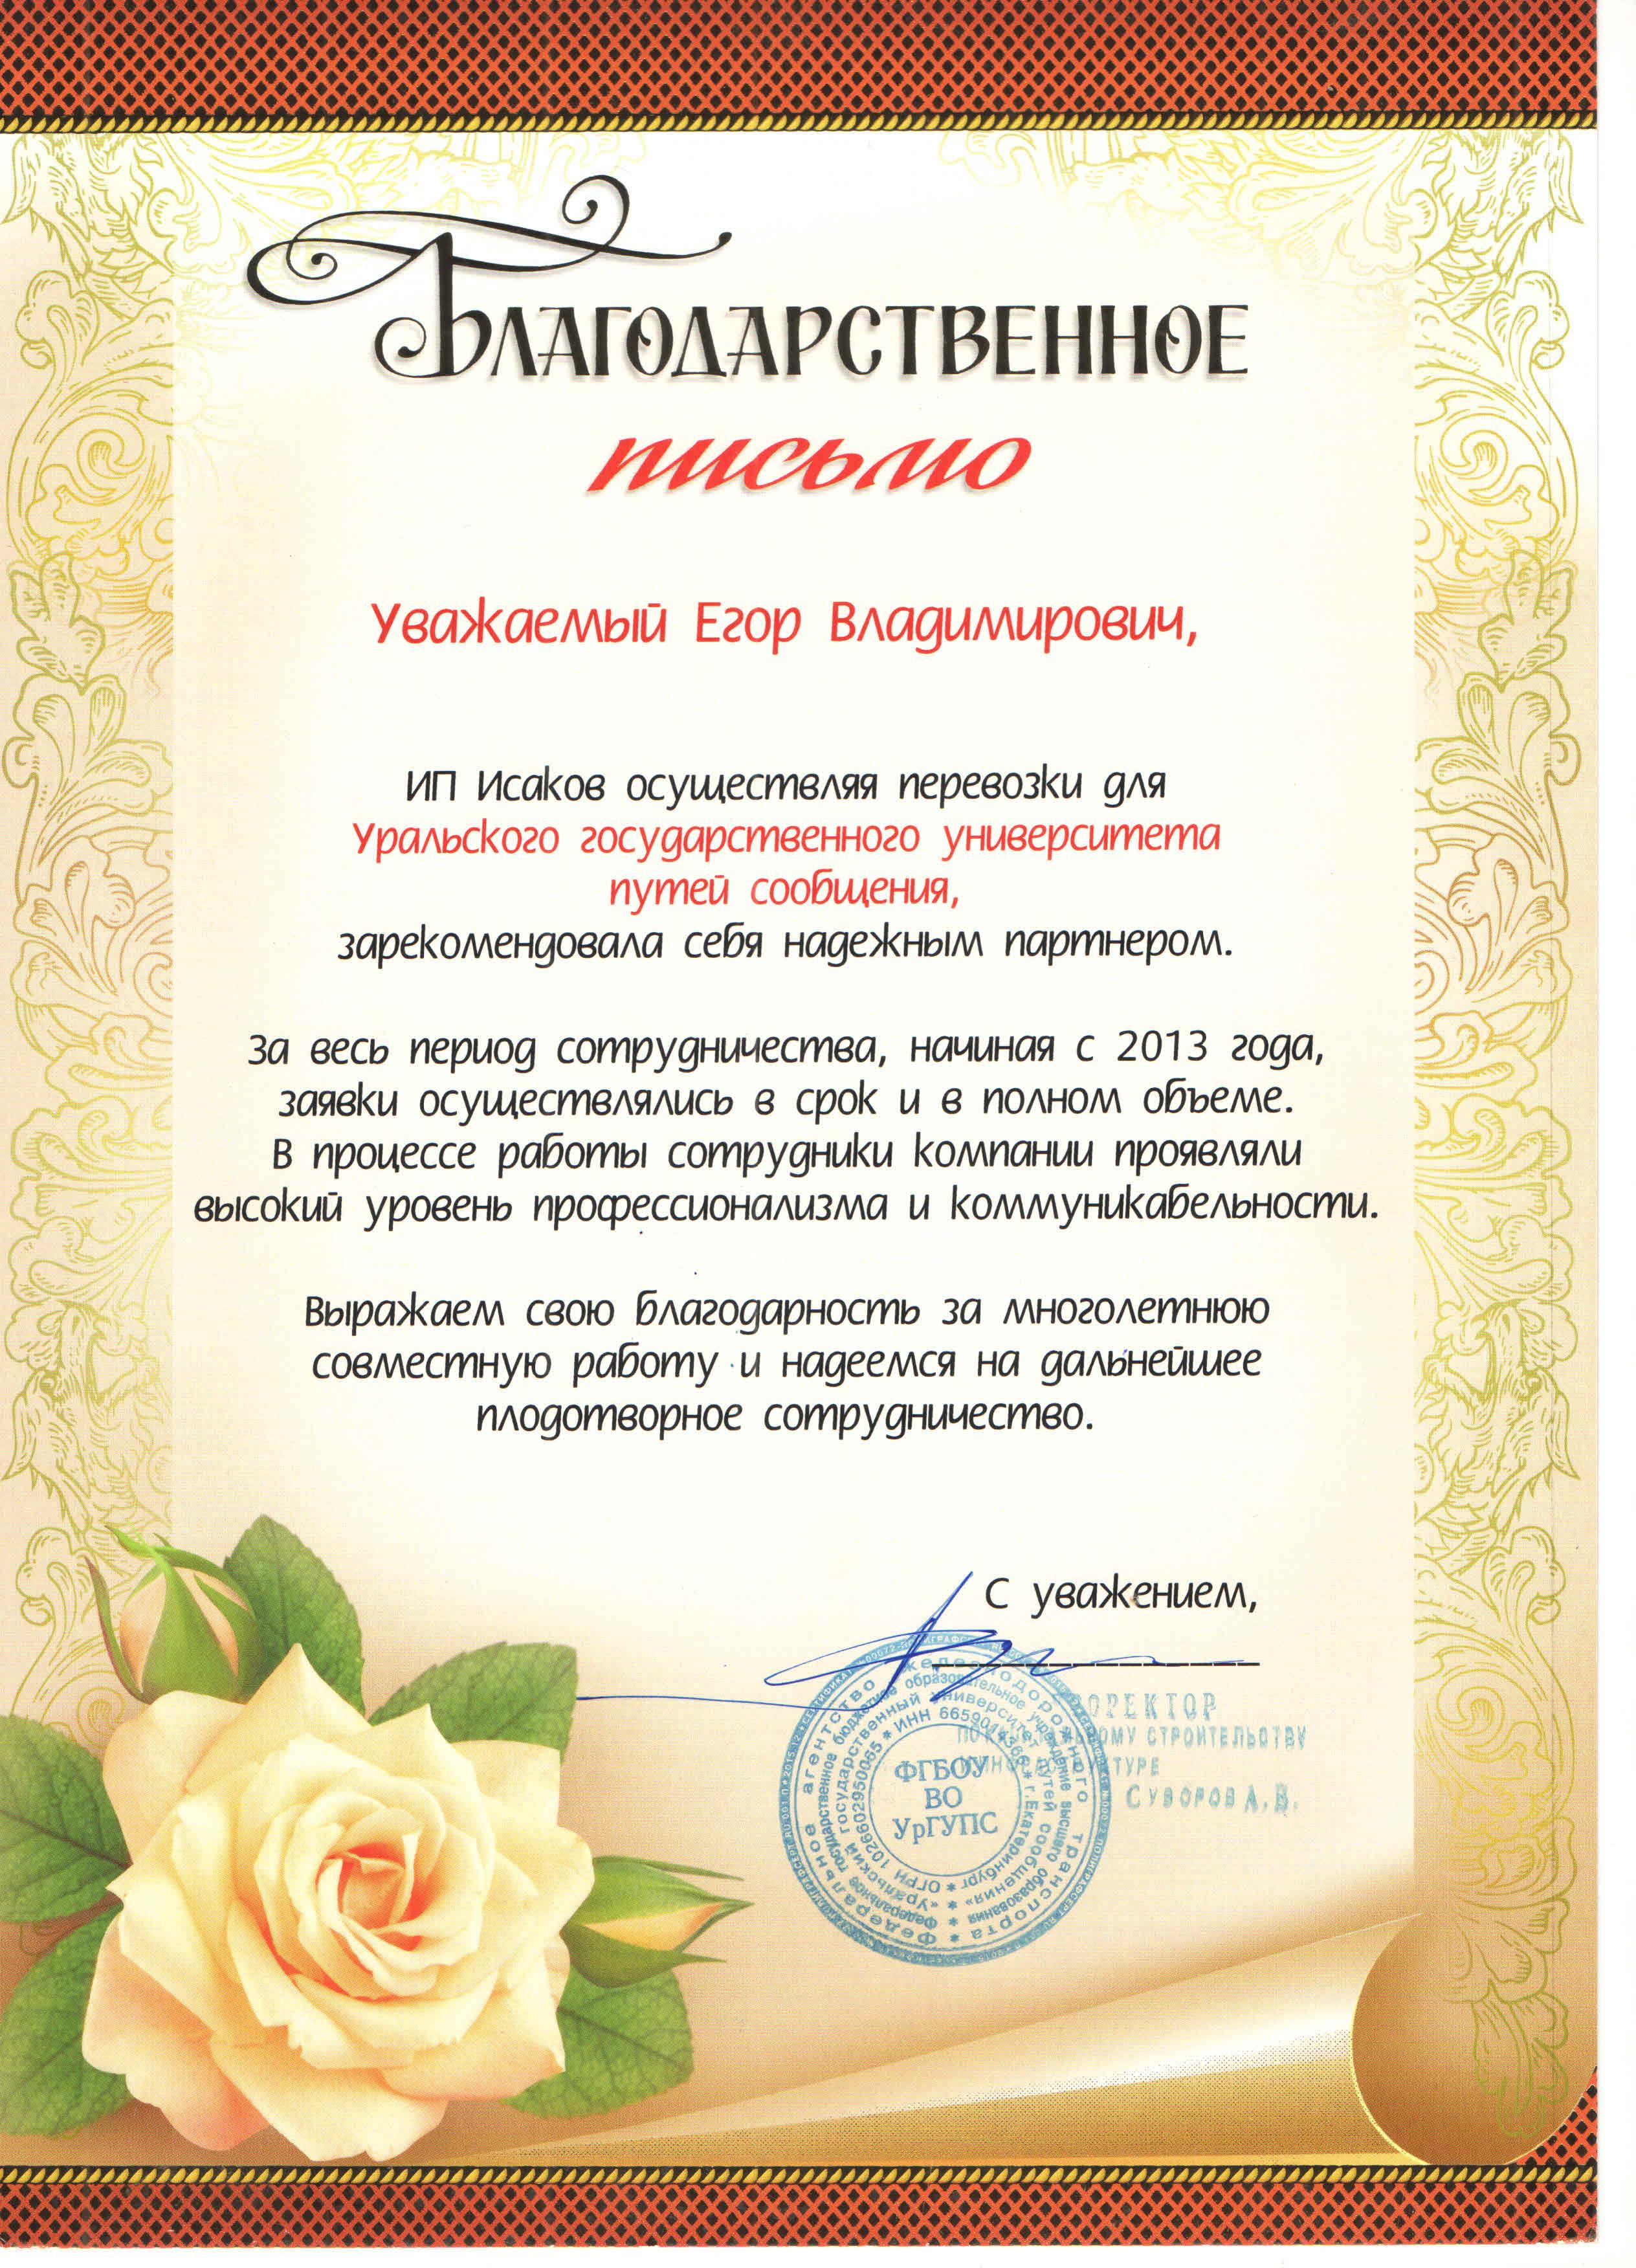 Благодарственное Письмо - УрГУПС